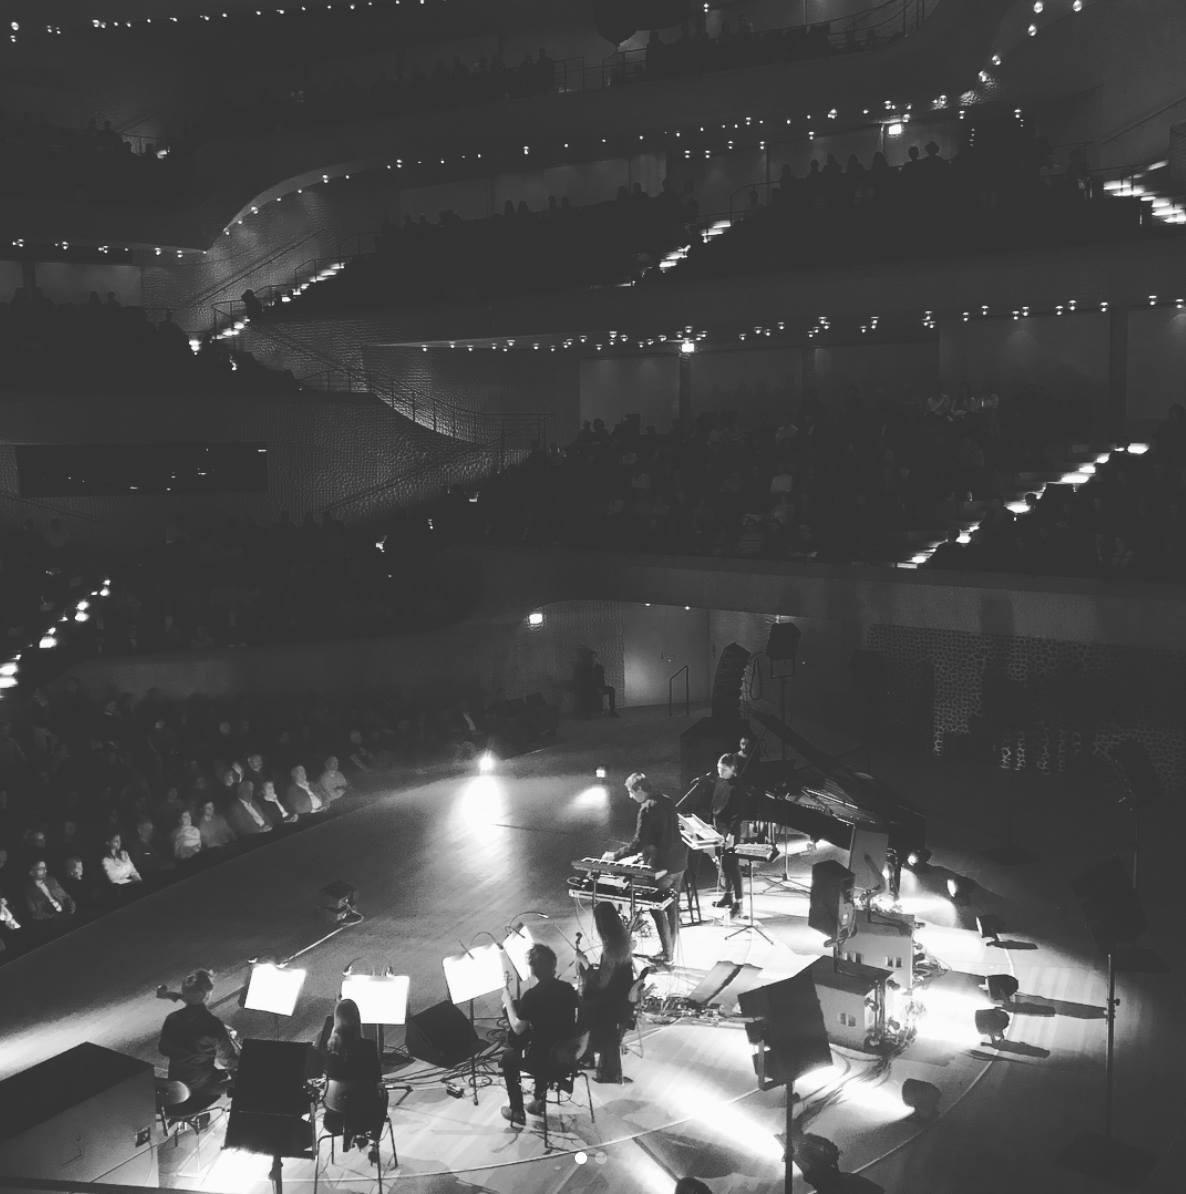 Elbphilharmonie, Hamburg